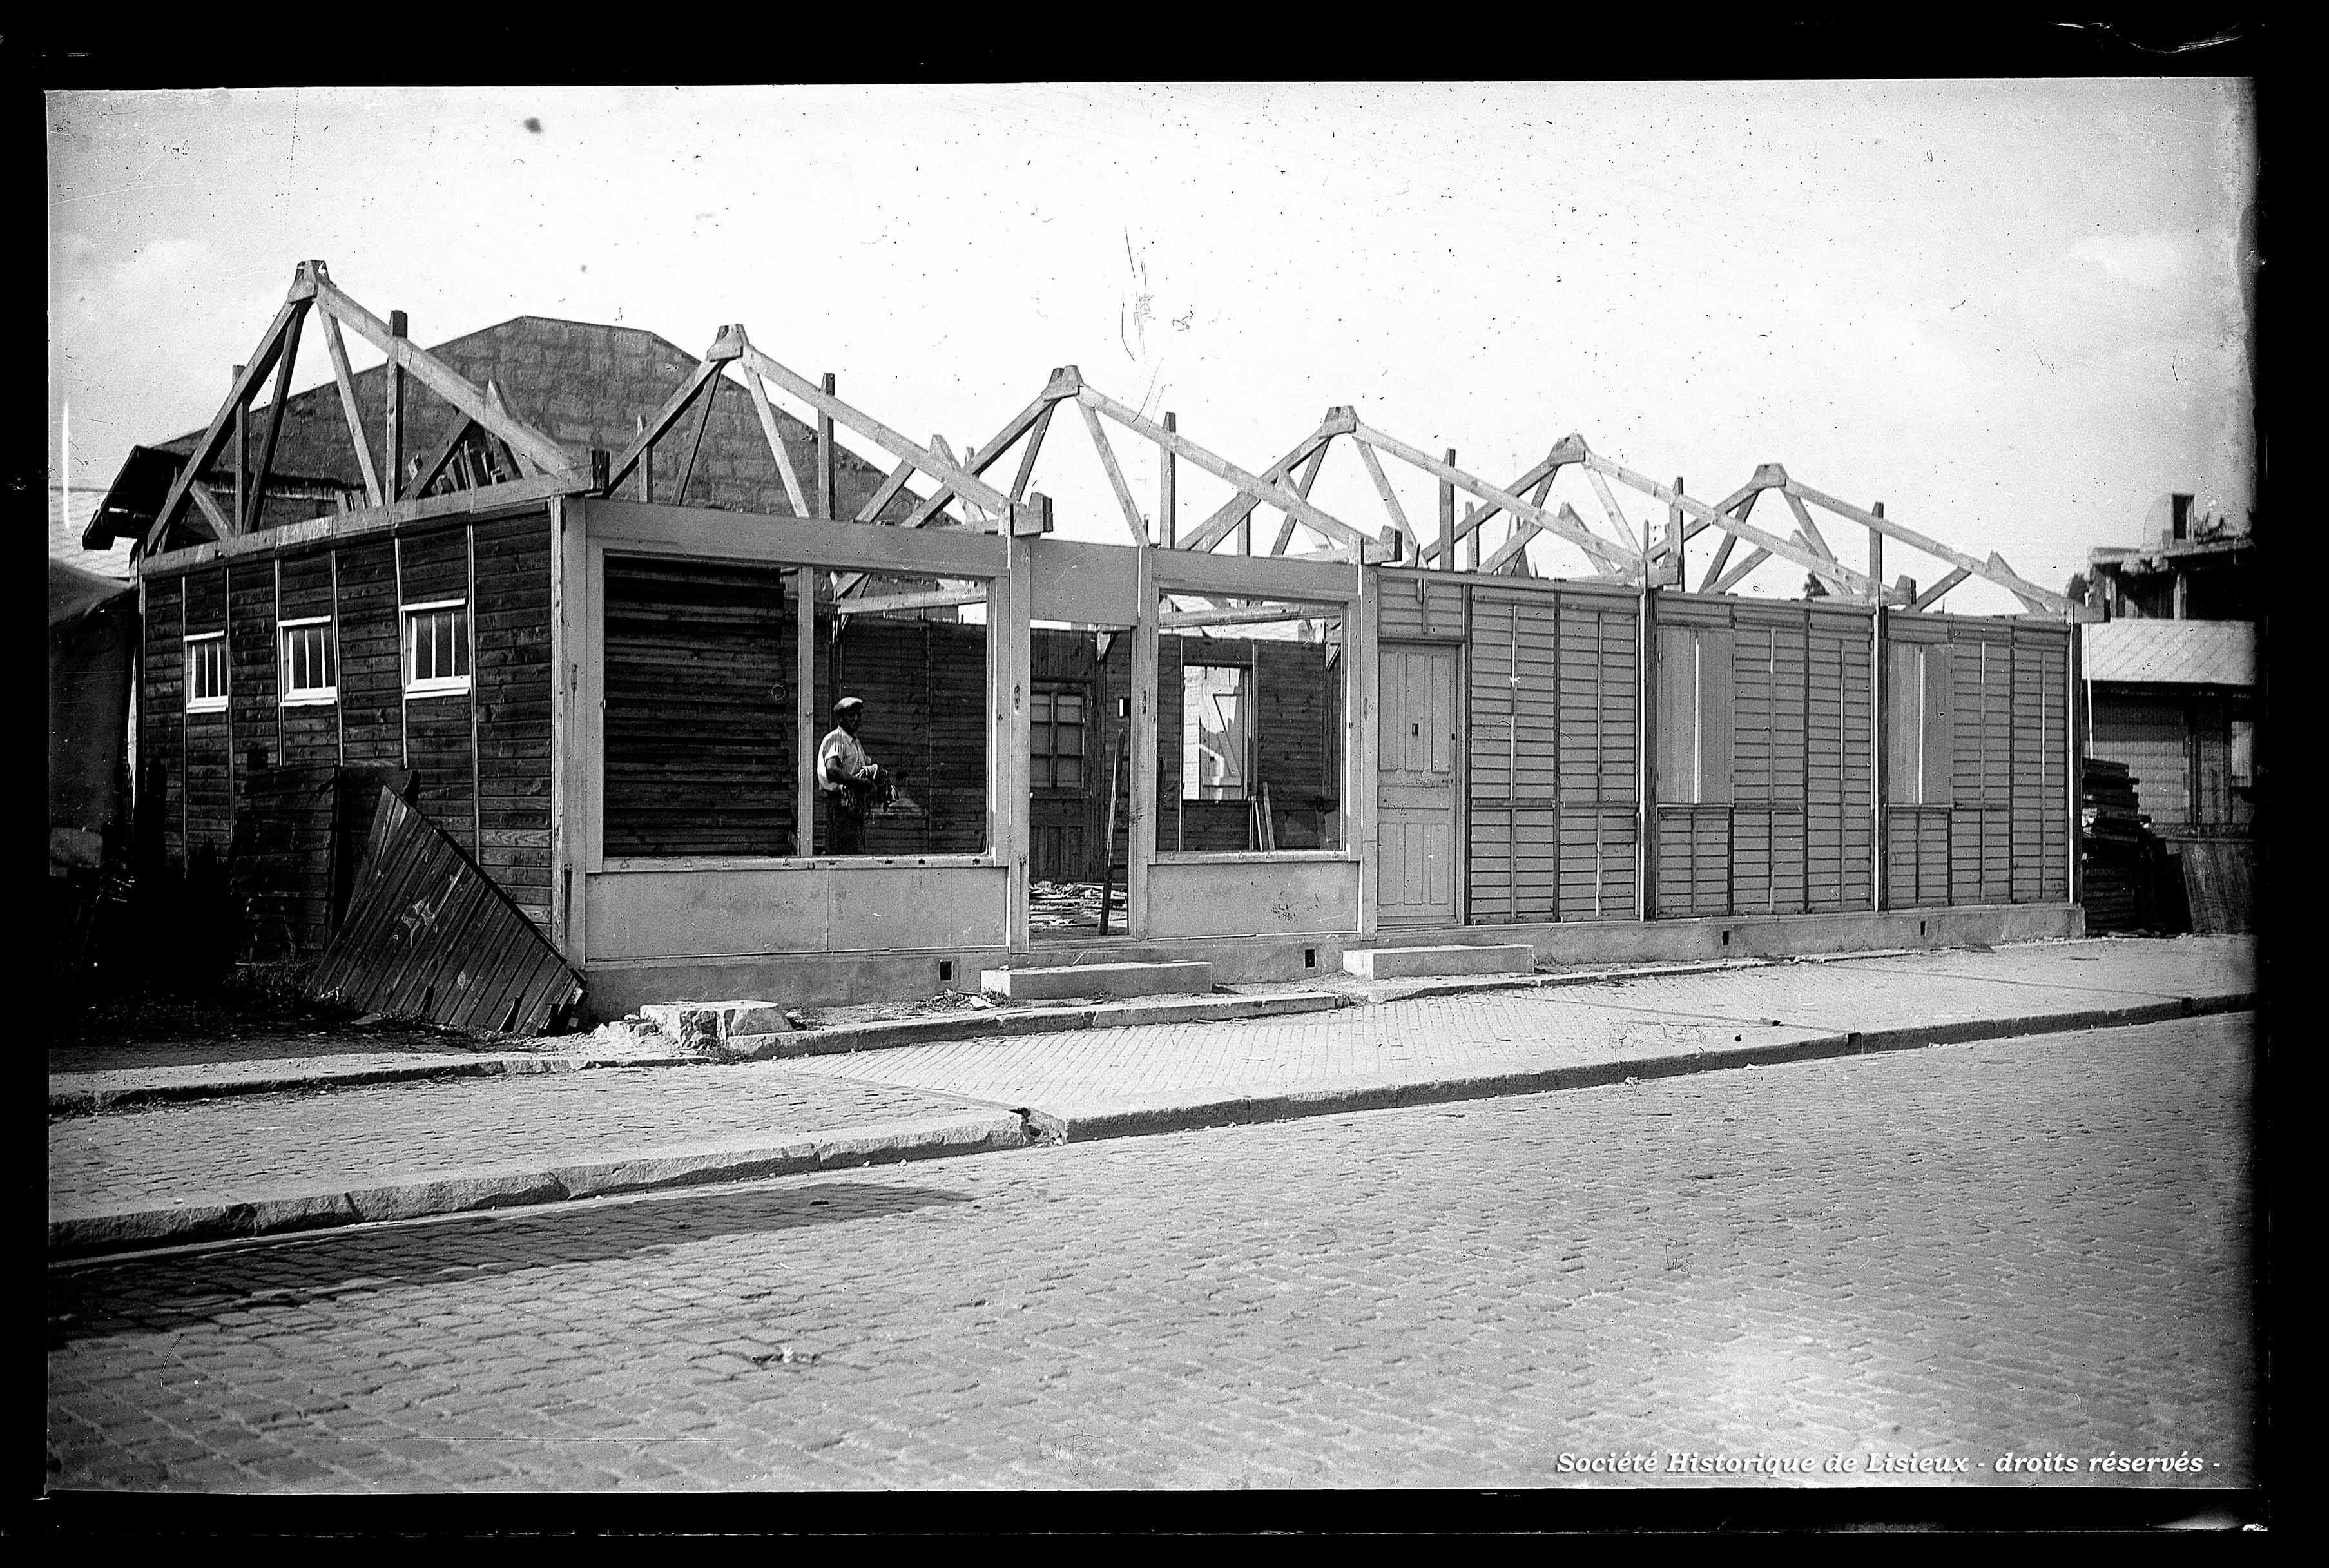 Démontage des baraquements, rue Henry-Chéron